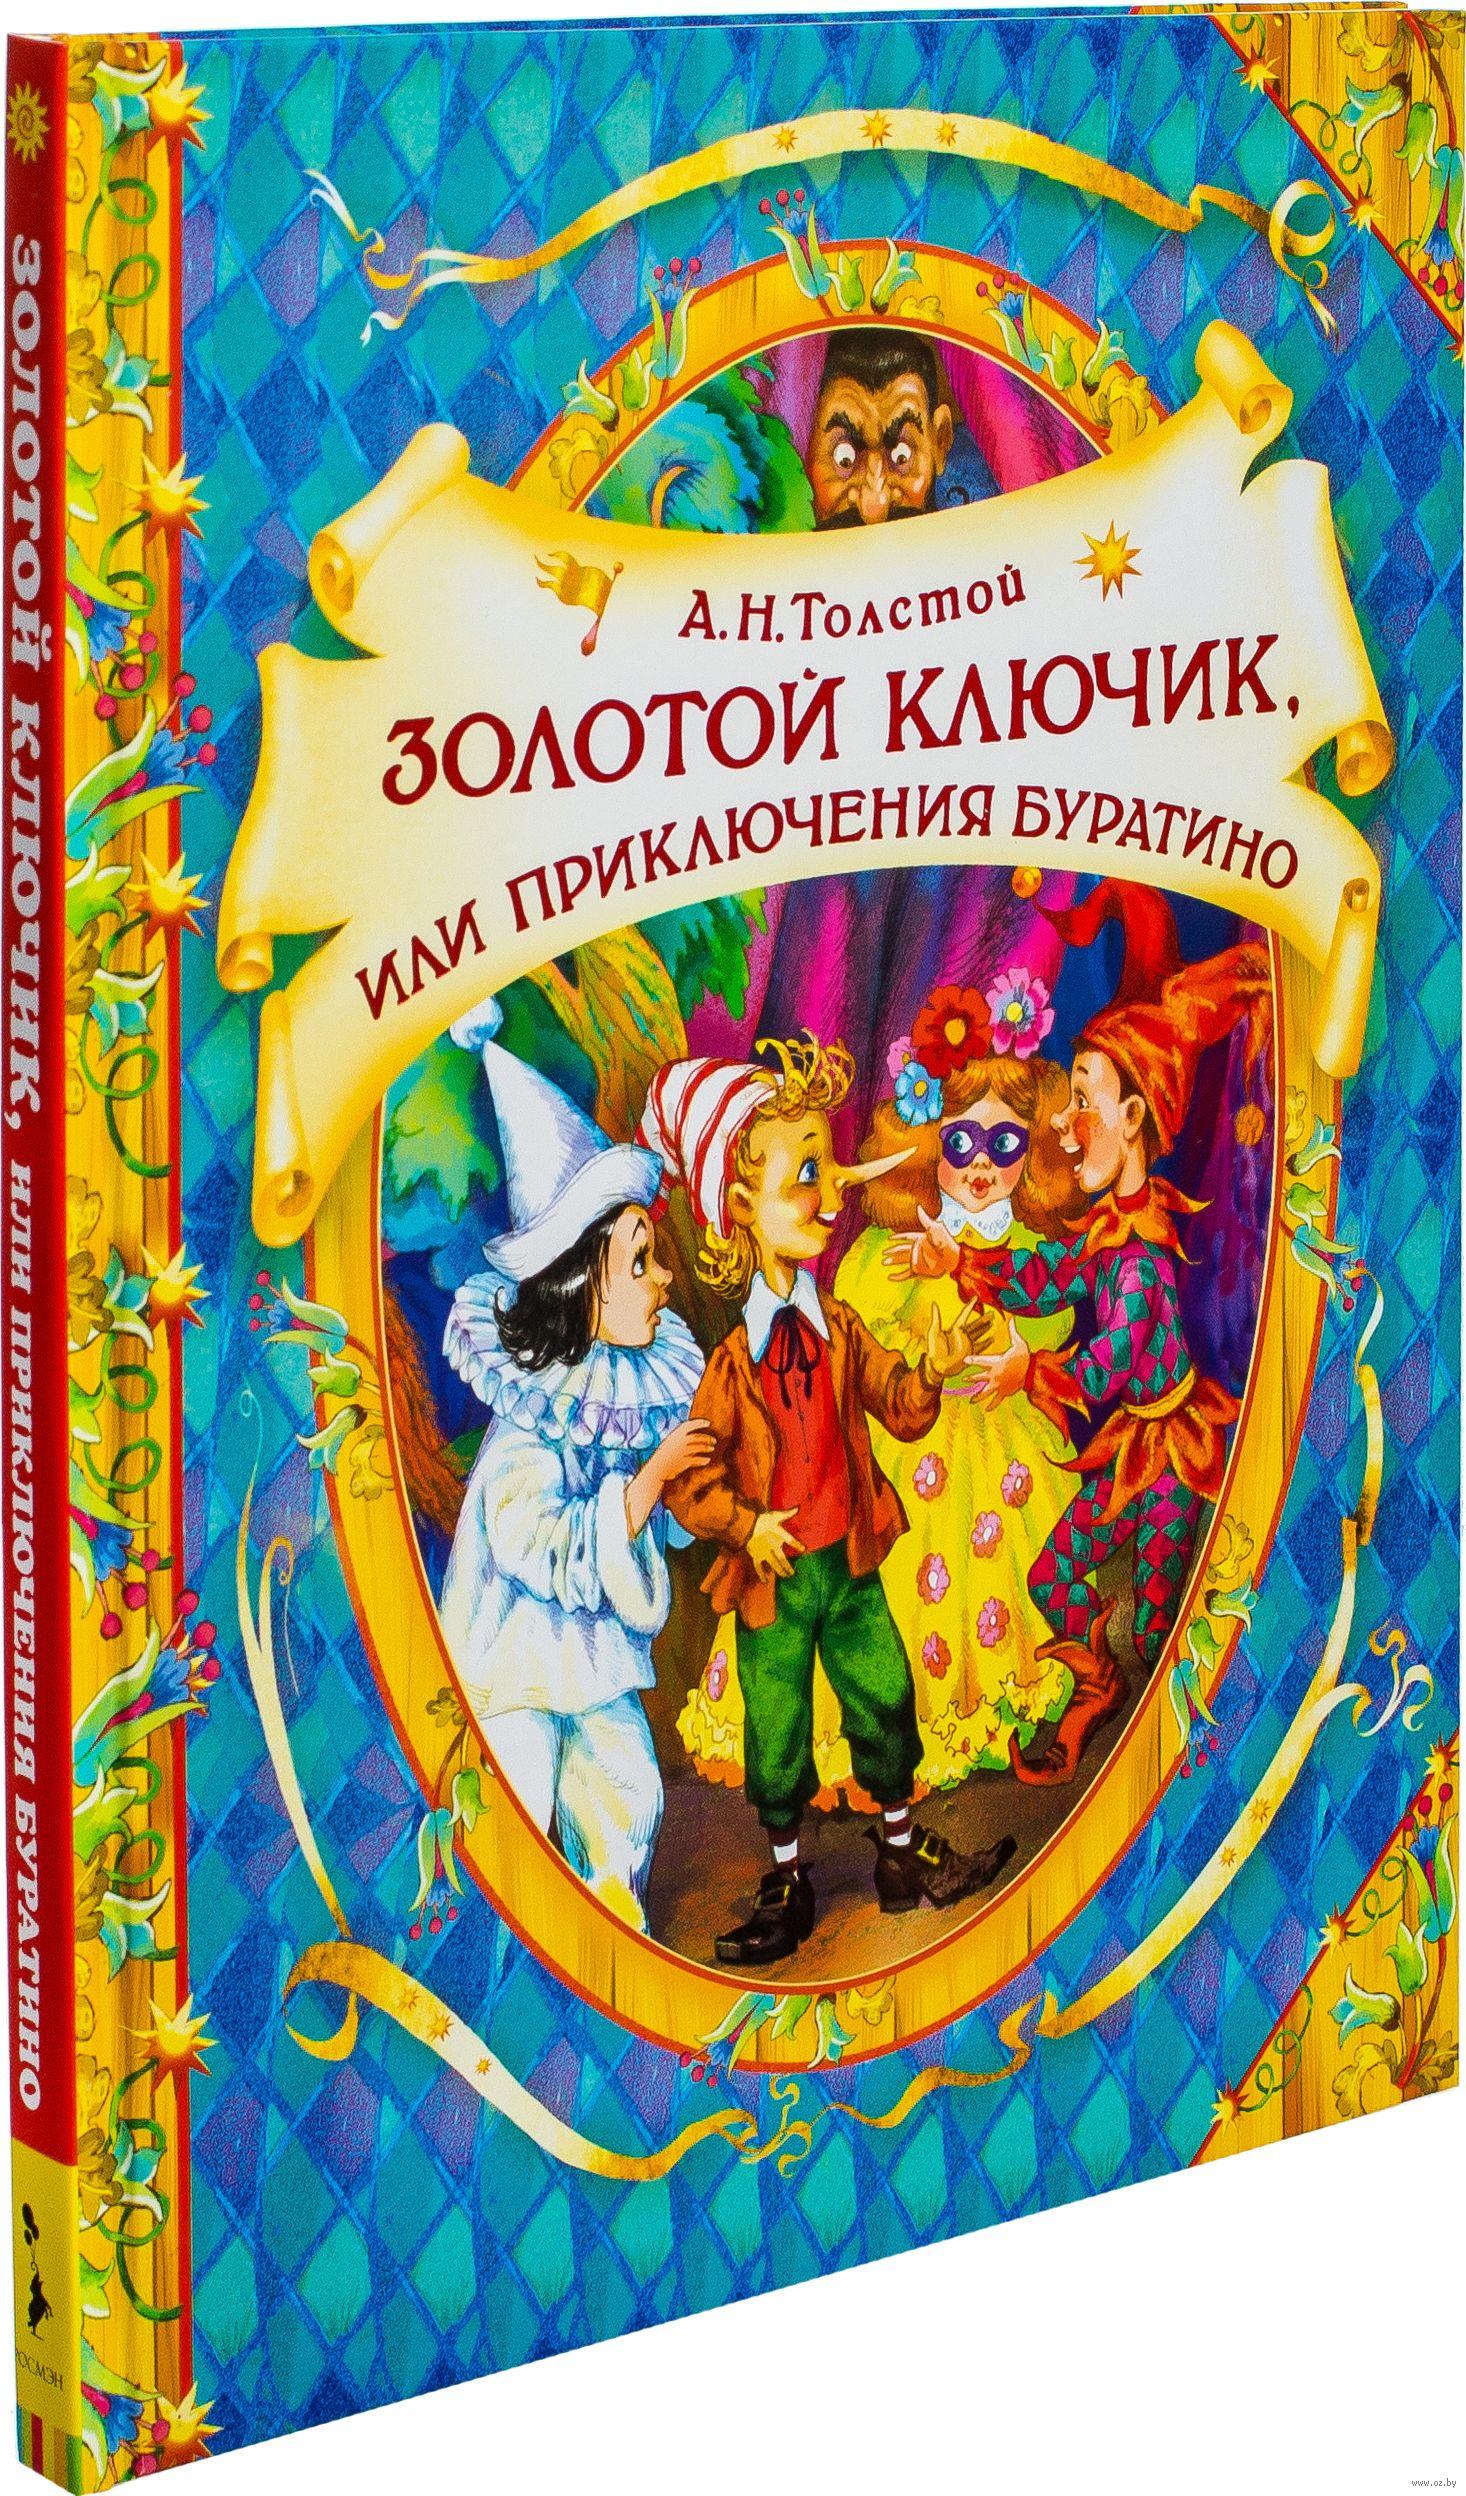 Фото детей из сказки буратино